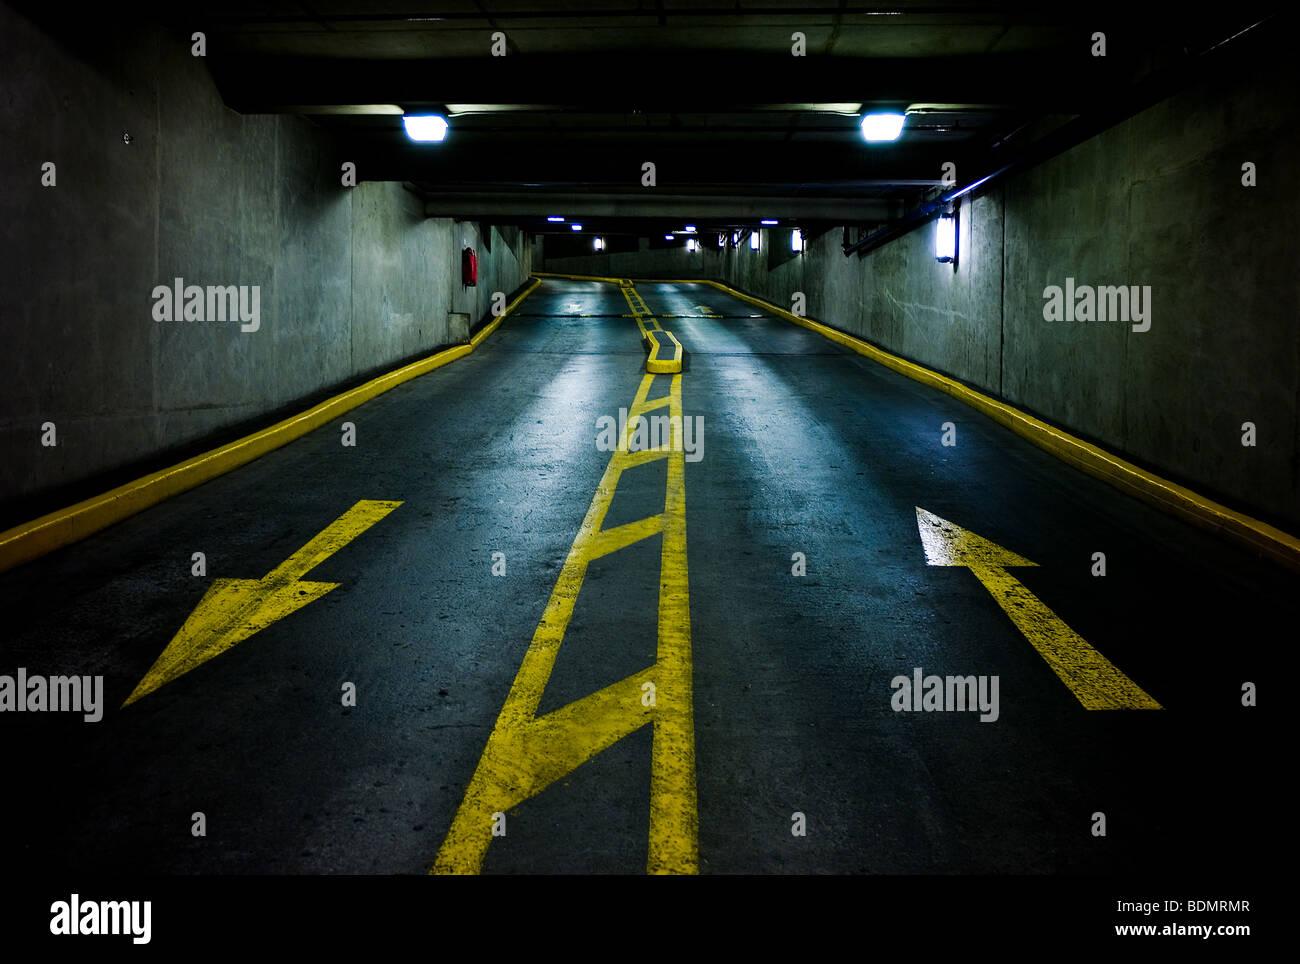 Oben und unten Pfeile in einer mehrstöckigen Parkplatz garage Stockbild